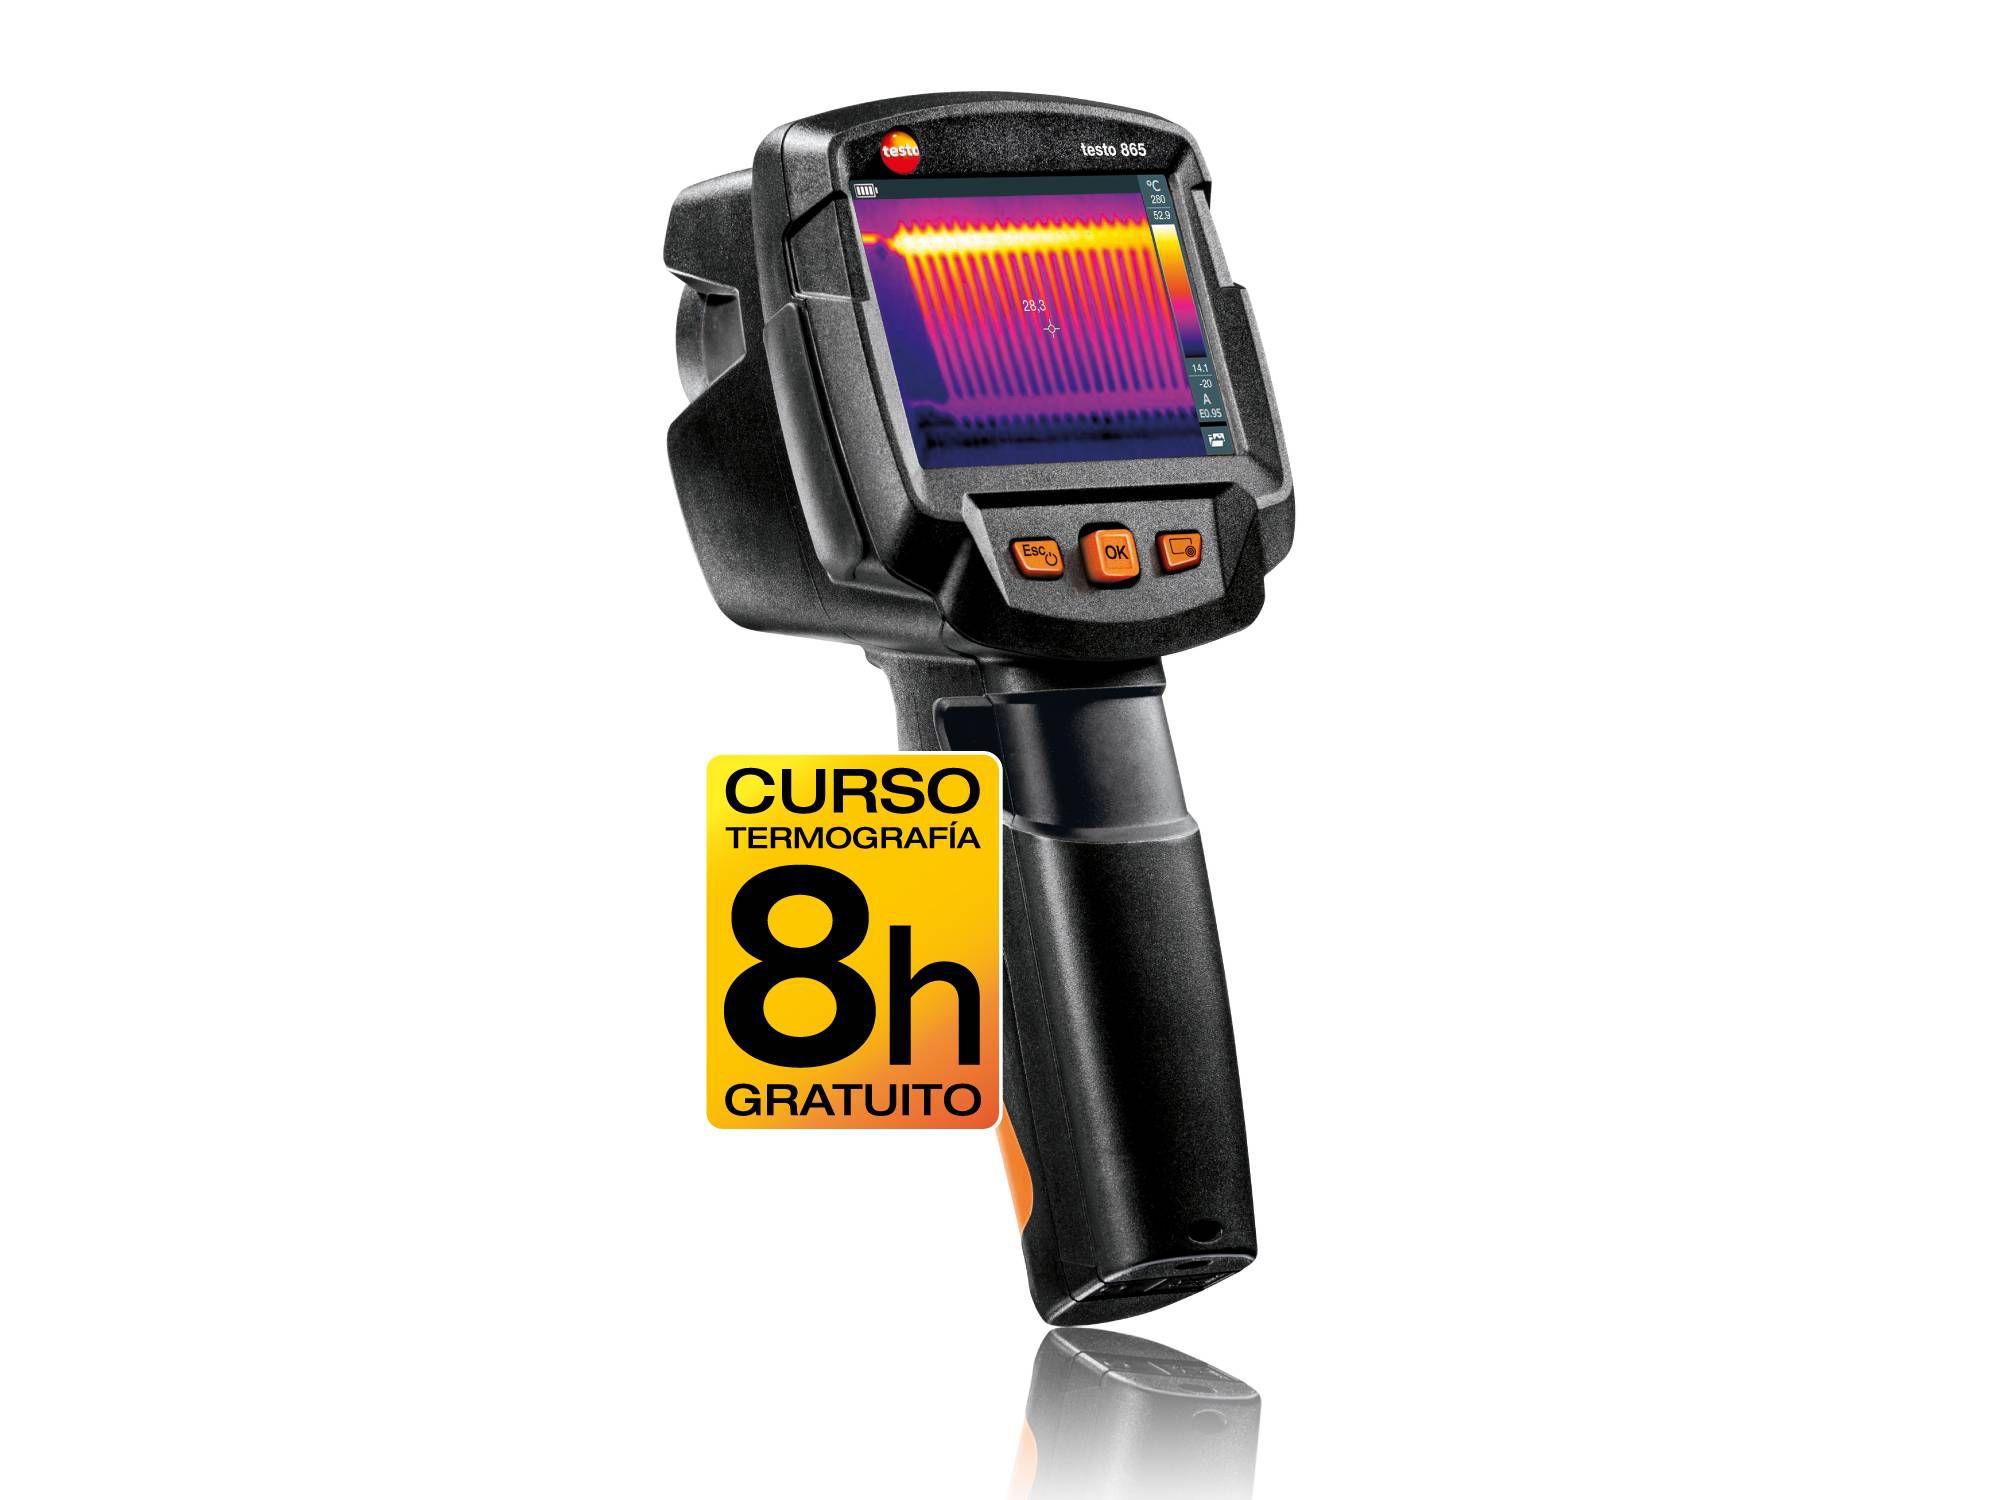 TI-Promo-testo-865-2000x1500px-ES.jpg